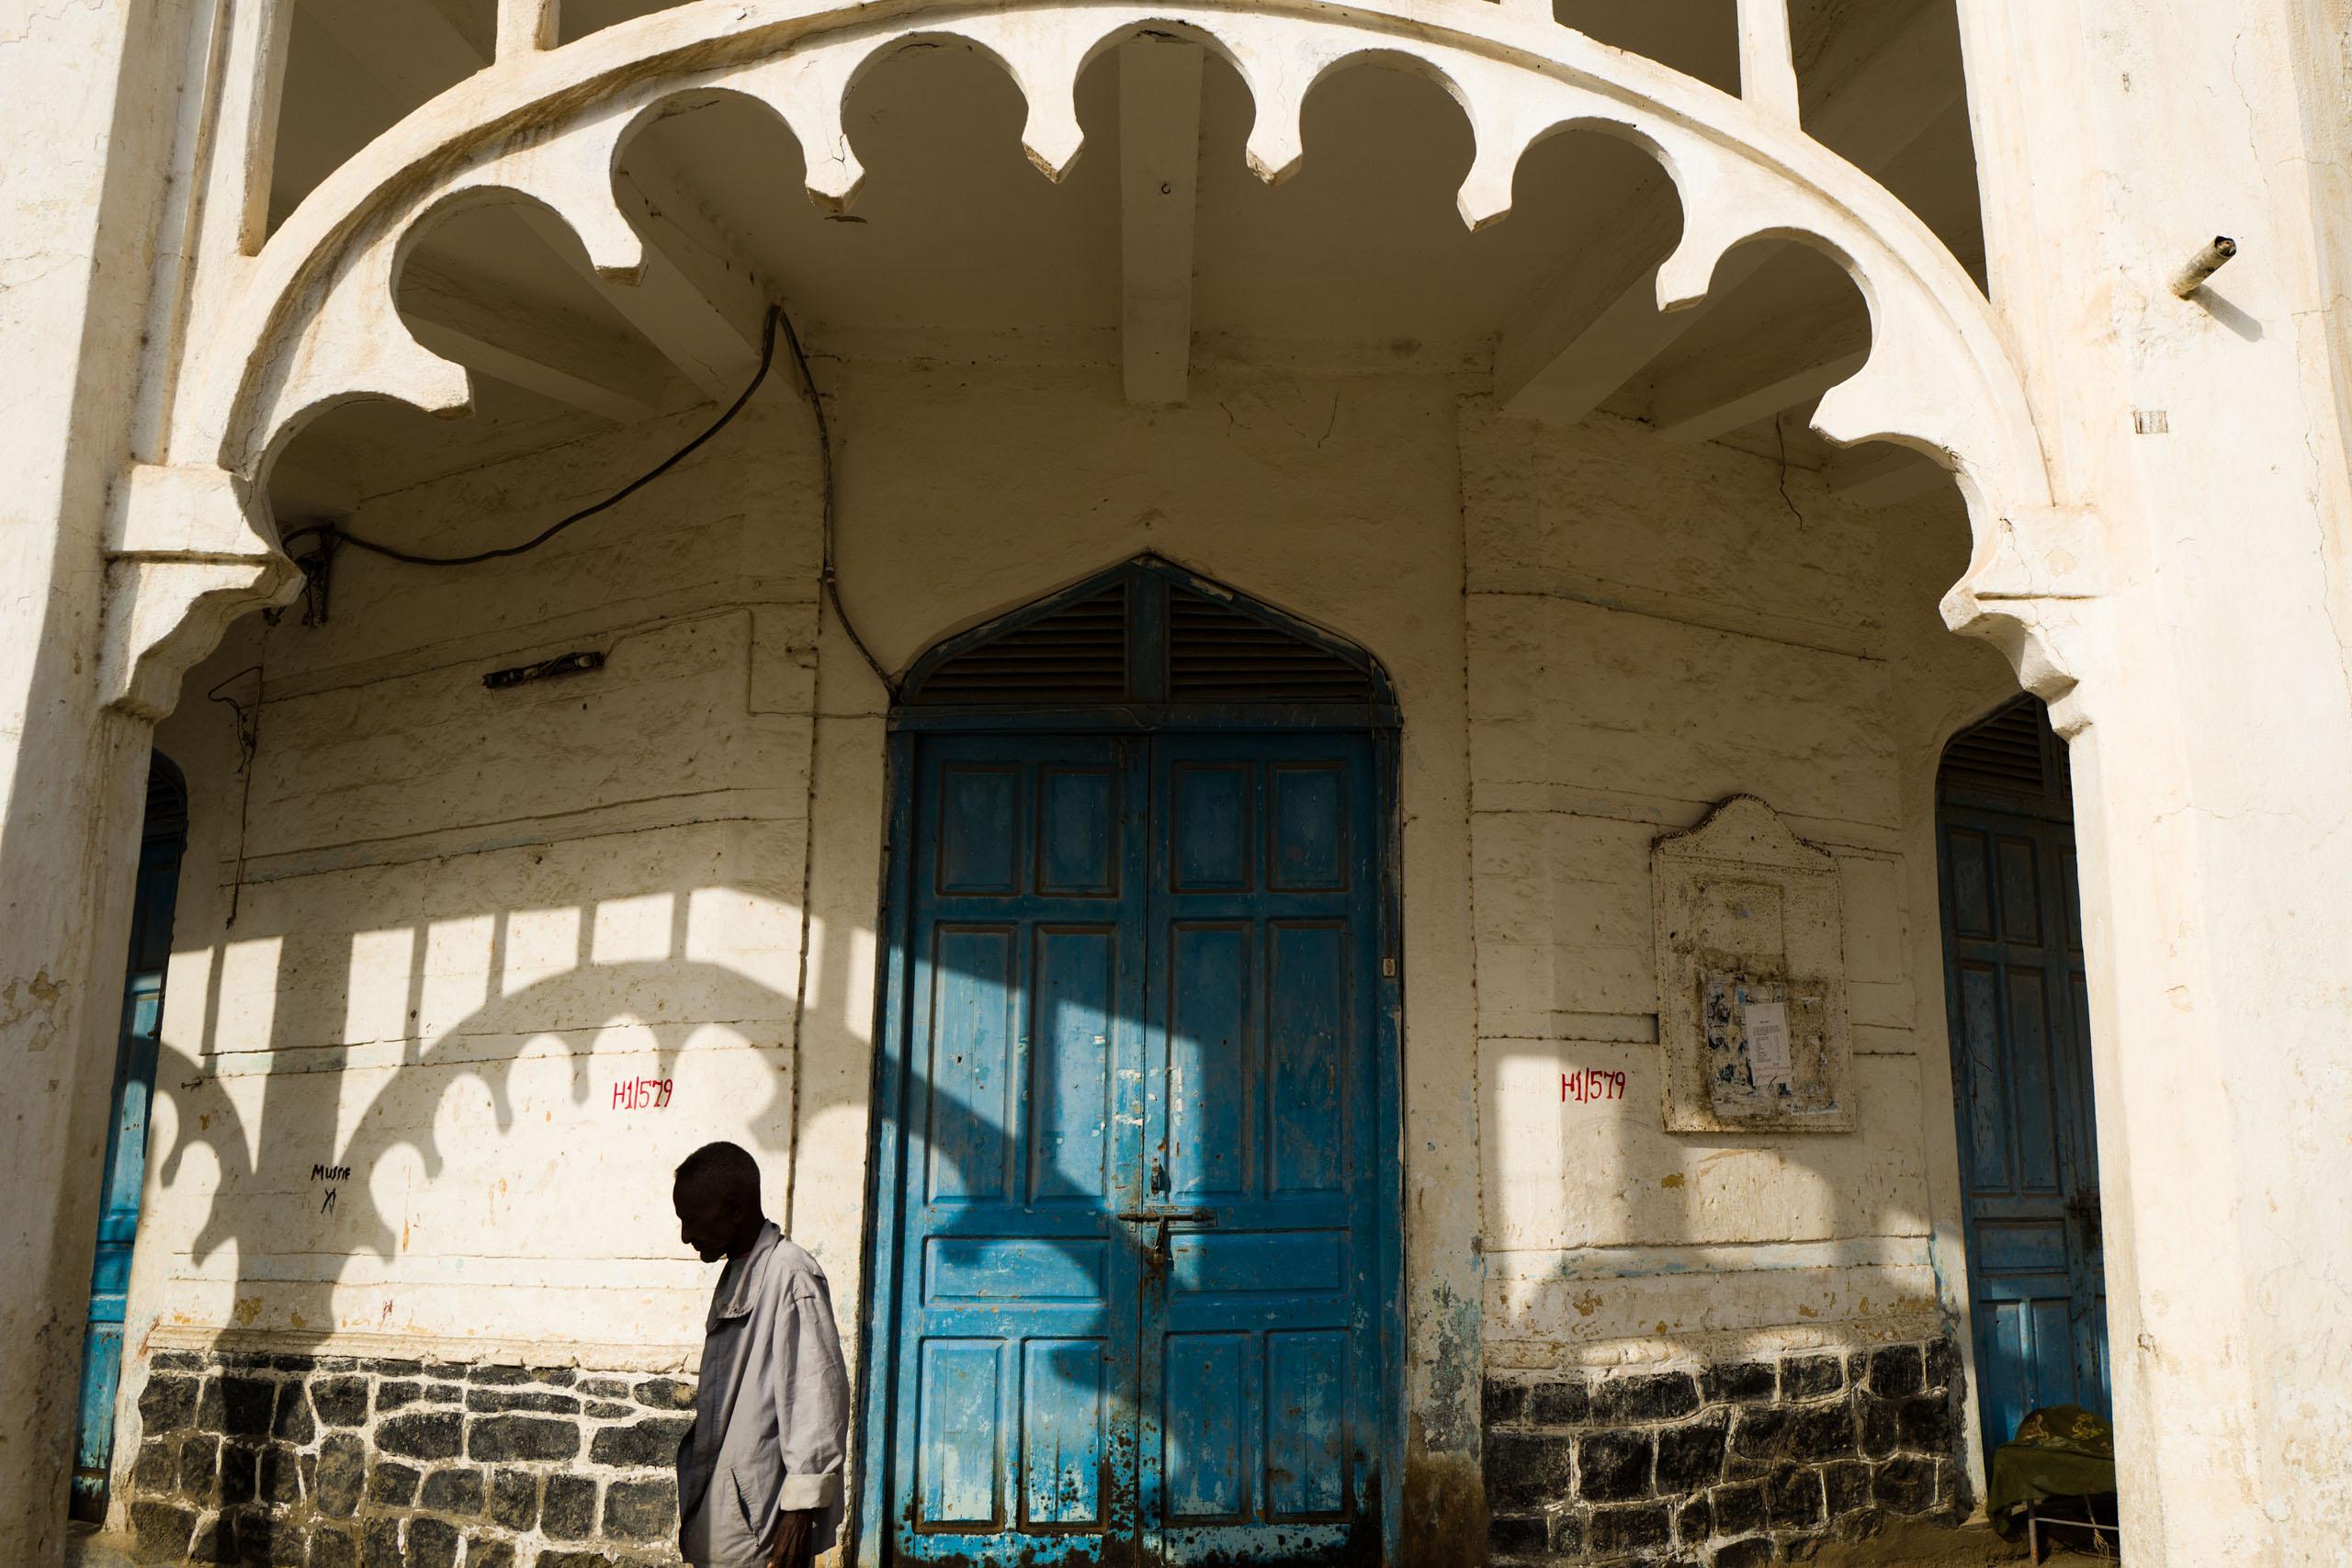 A man on a street in Massawa.